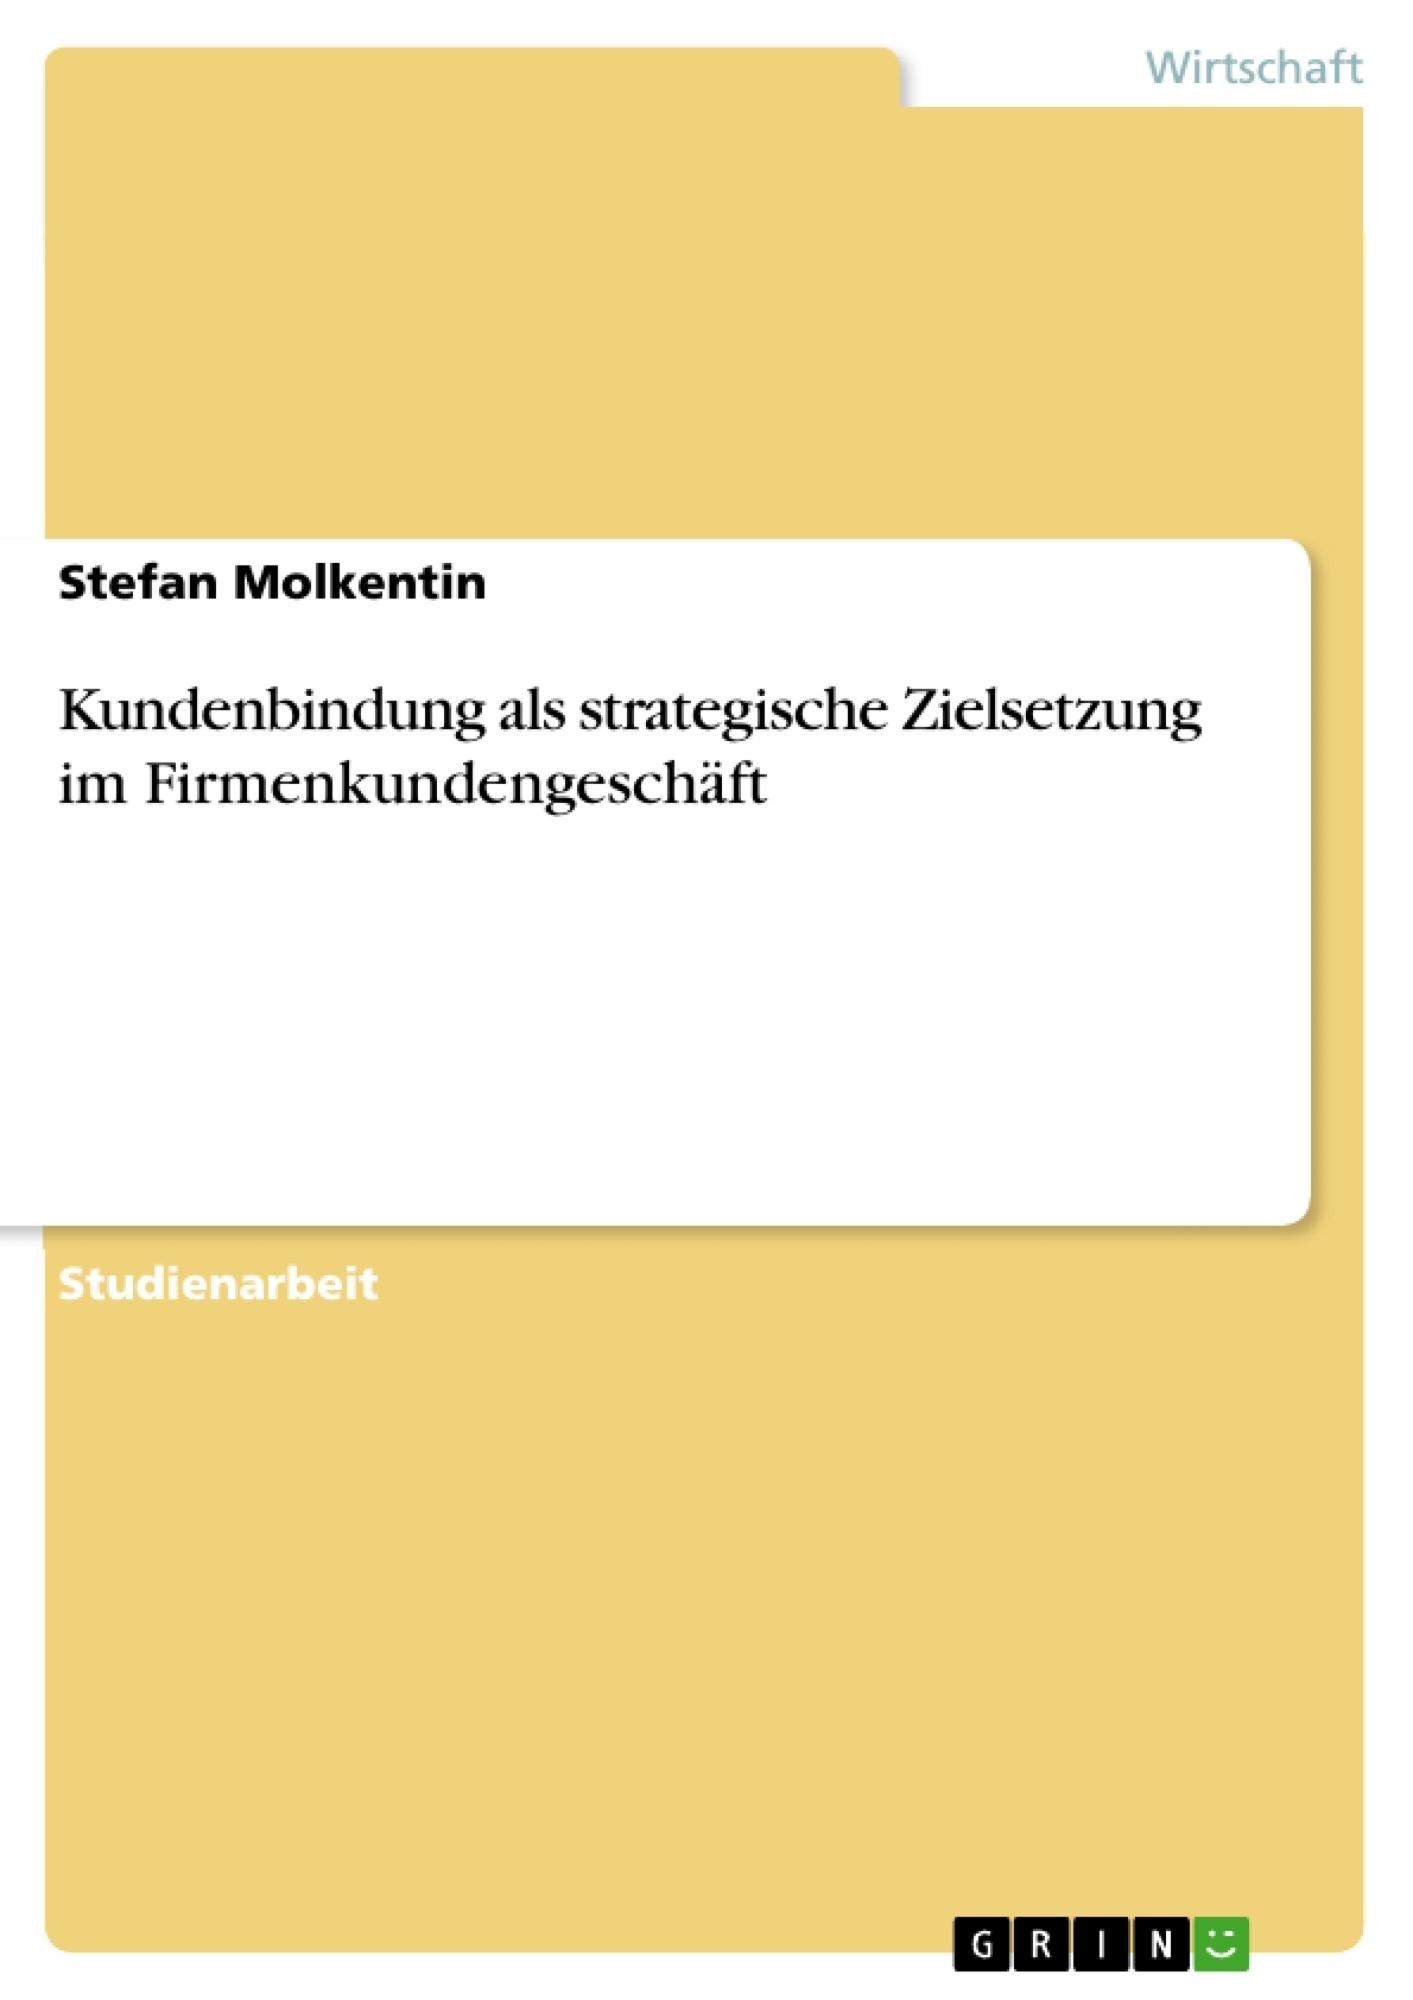 Titel: Kundenbindung als strategische Zielsetzung im Firmenkundengeschäft